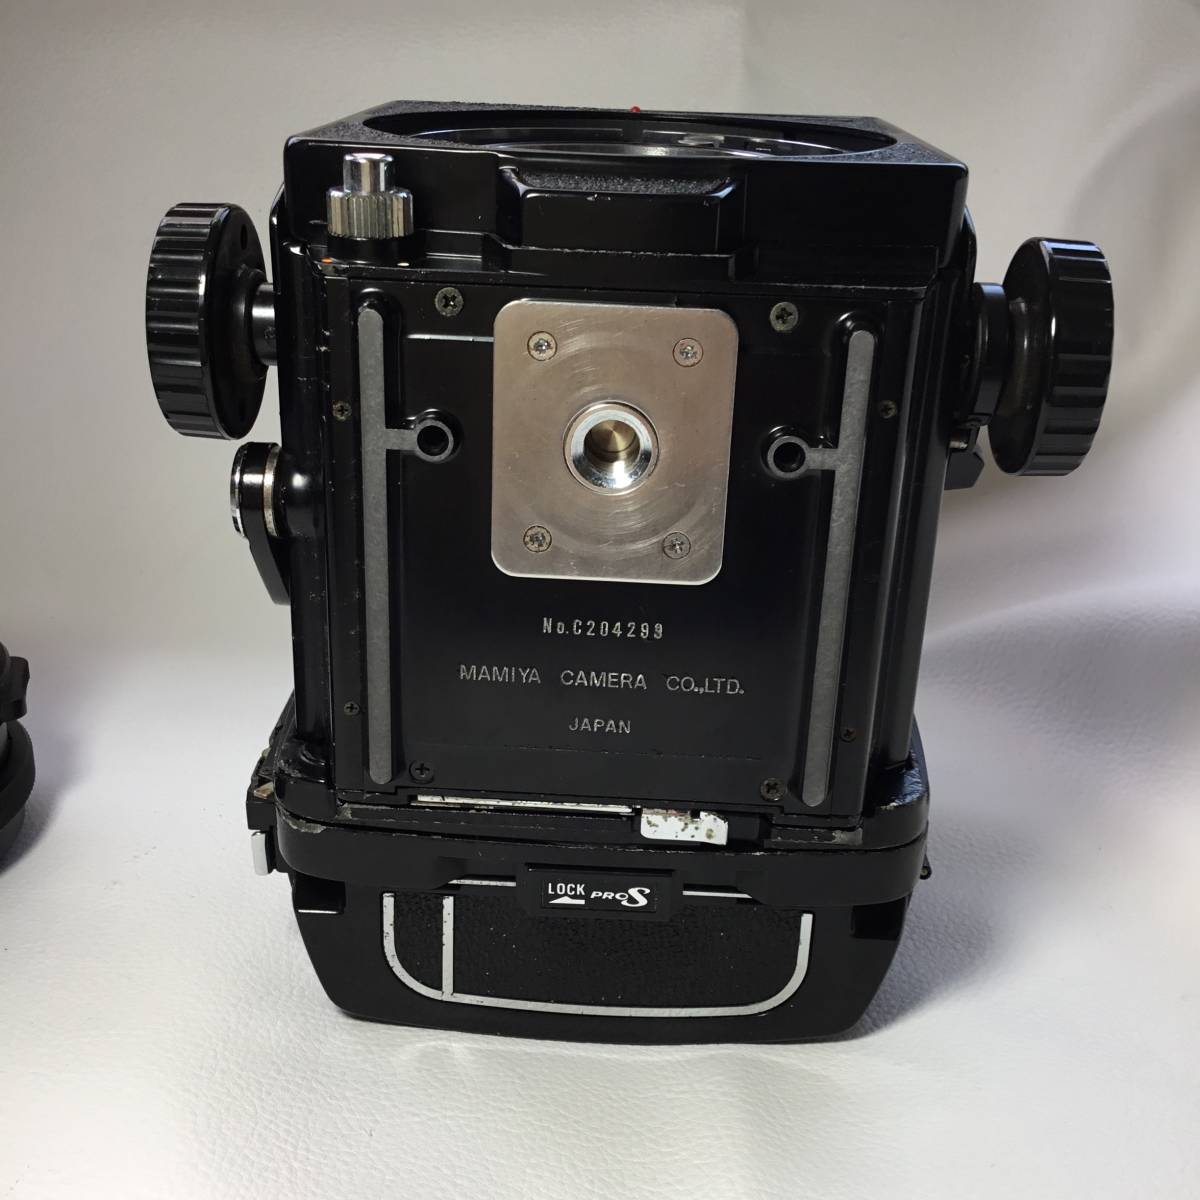 マミヤ Mamiya RB67 PROFESSIONAL S MAMIYA-SEKOR C f=65mm 中判カメラ_画像7